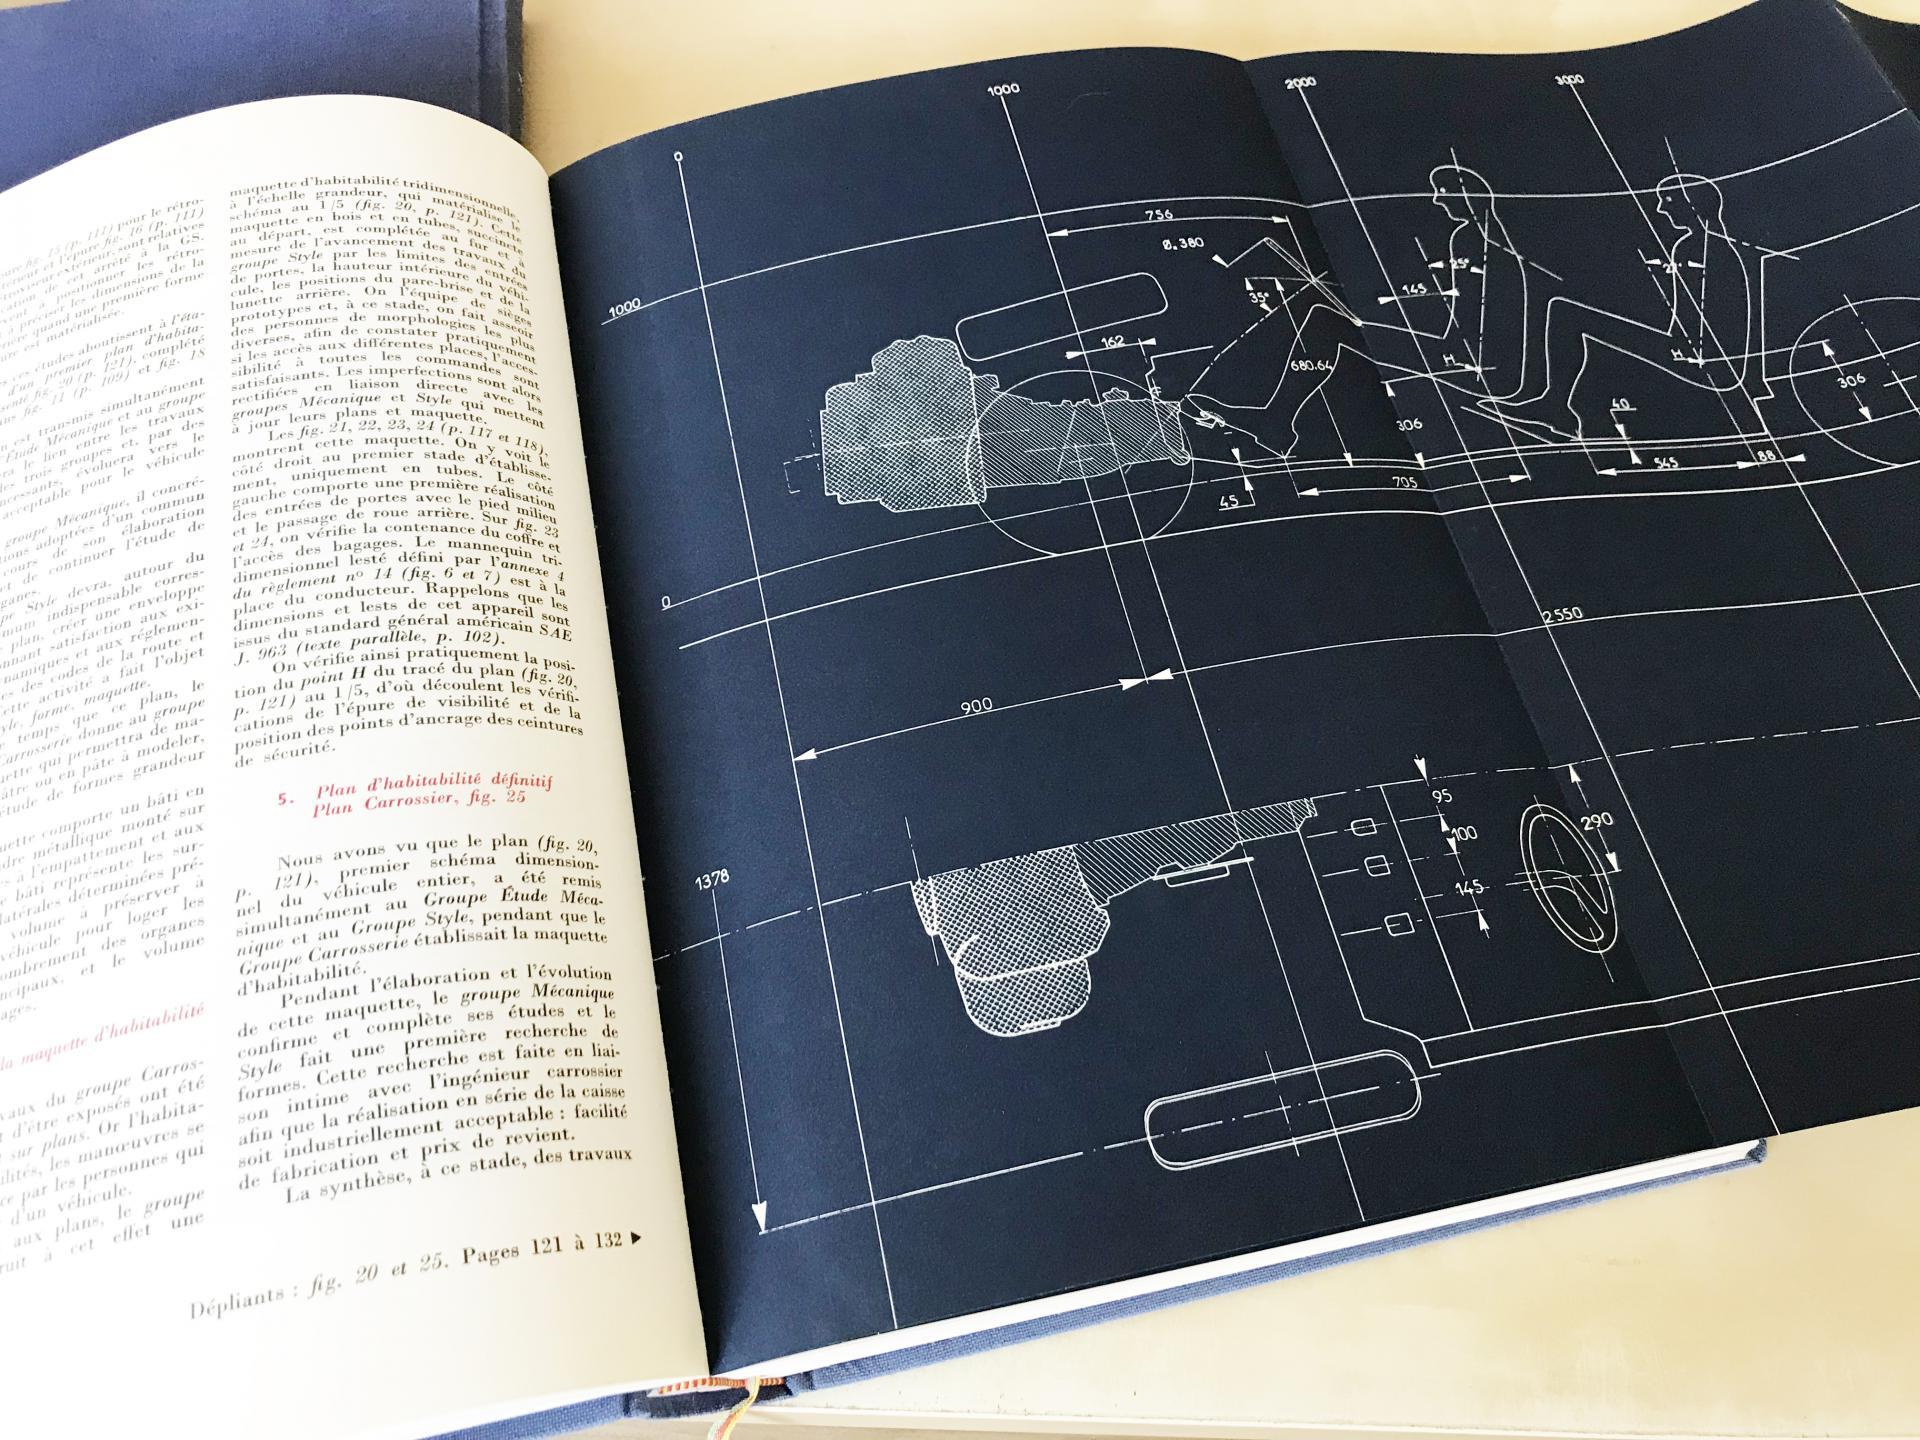 1971 Plan d'habitabilité Citroën DS - Encyclopédie